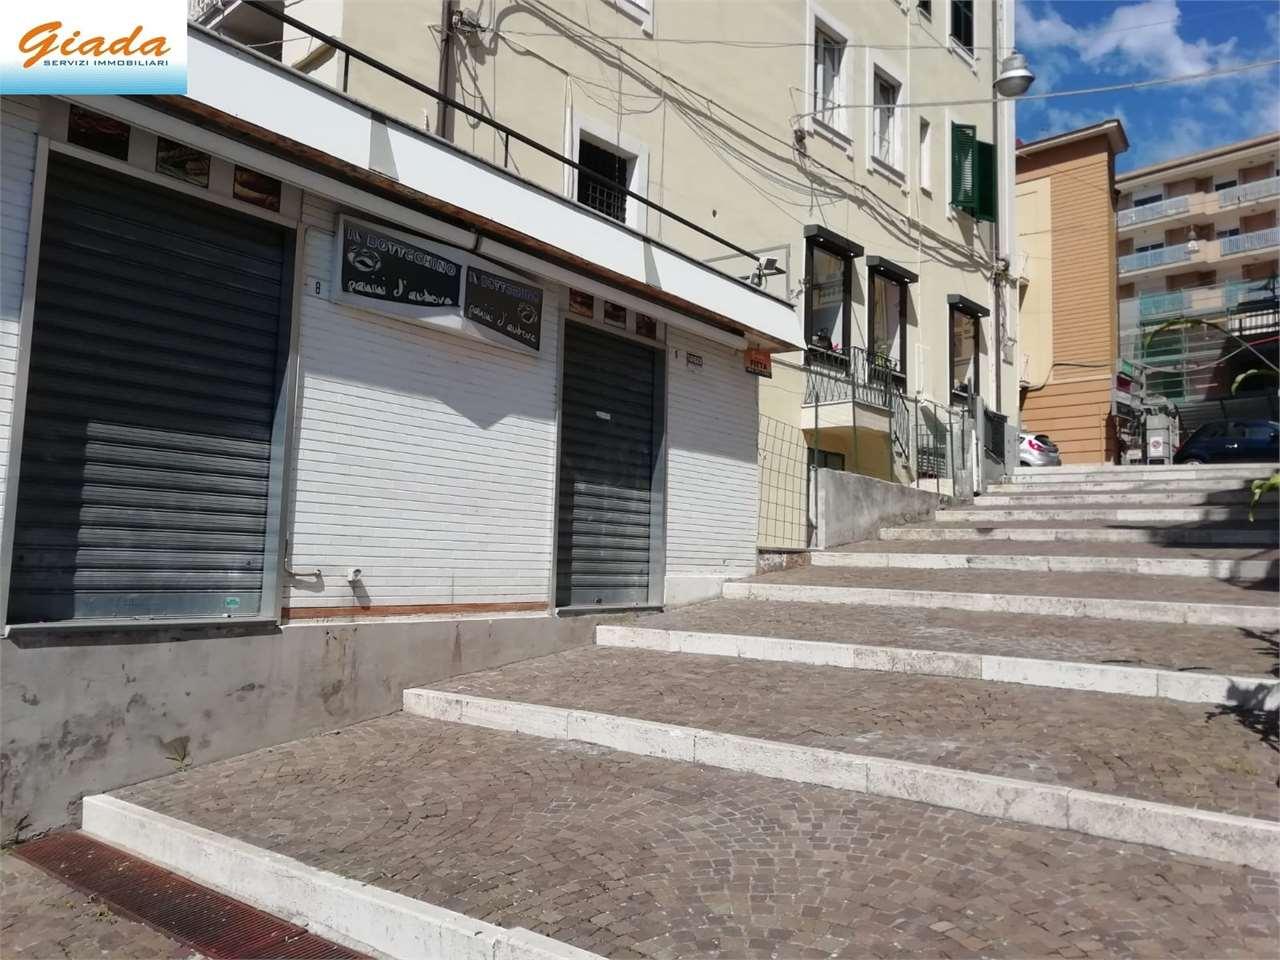 Negozio / Locale in affitto a Formia, 1 locali, prezzo € 550 | CambioCasa.it